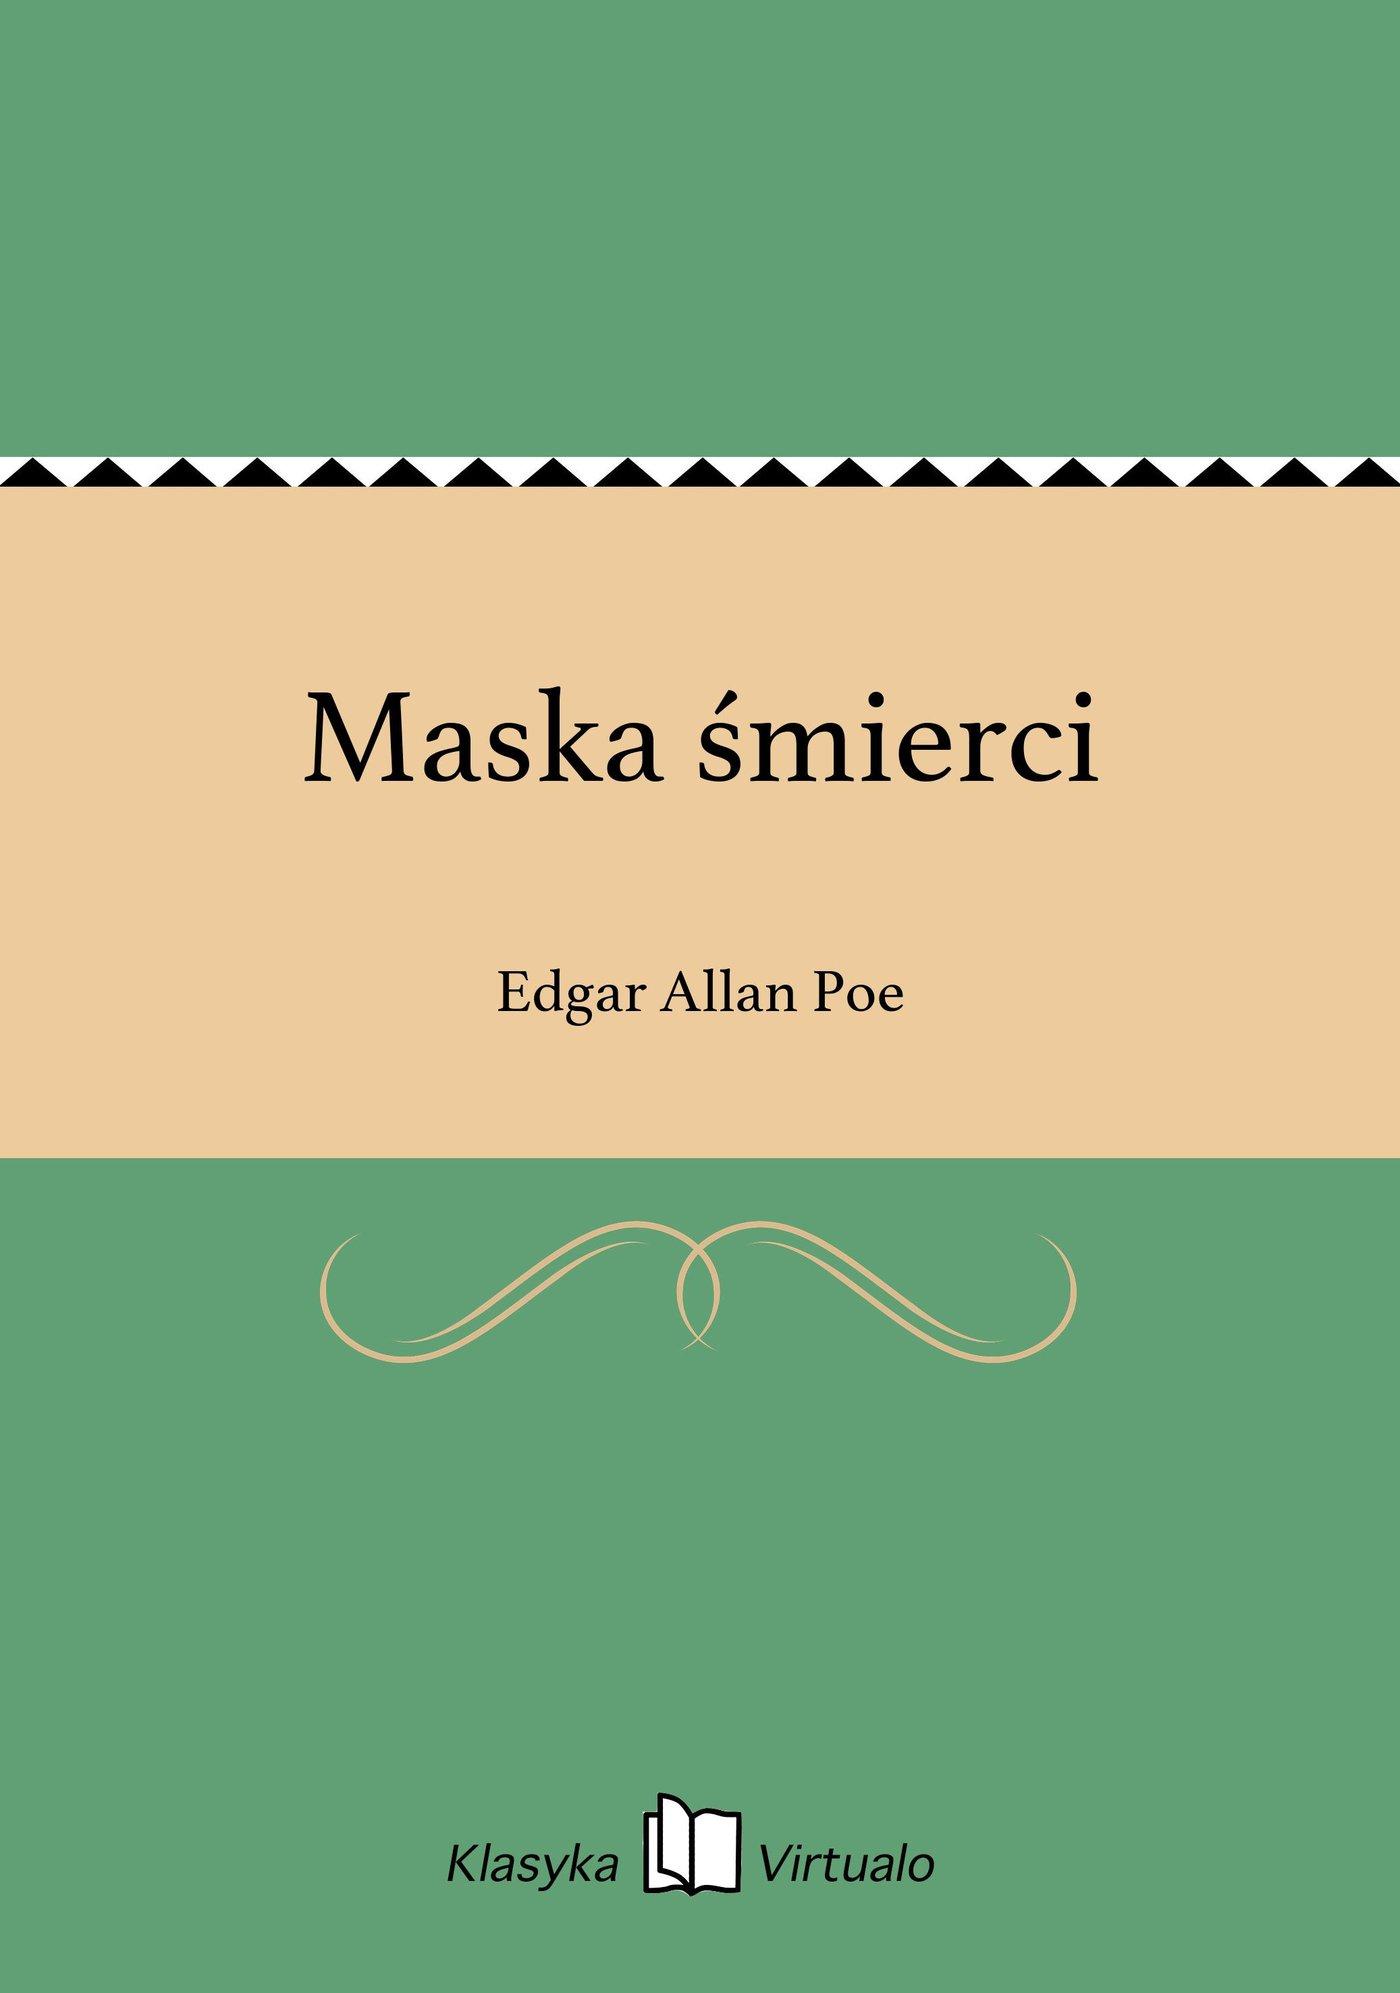 Maska śmierci - Ebook (Książka EPUB) do pobrania w formacie EPUB